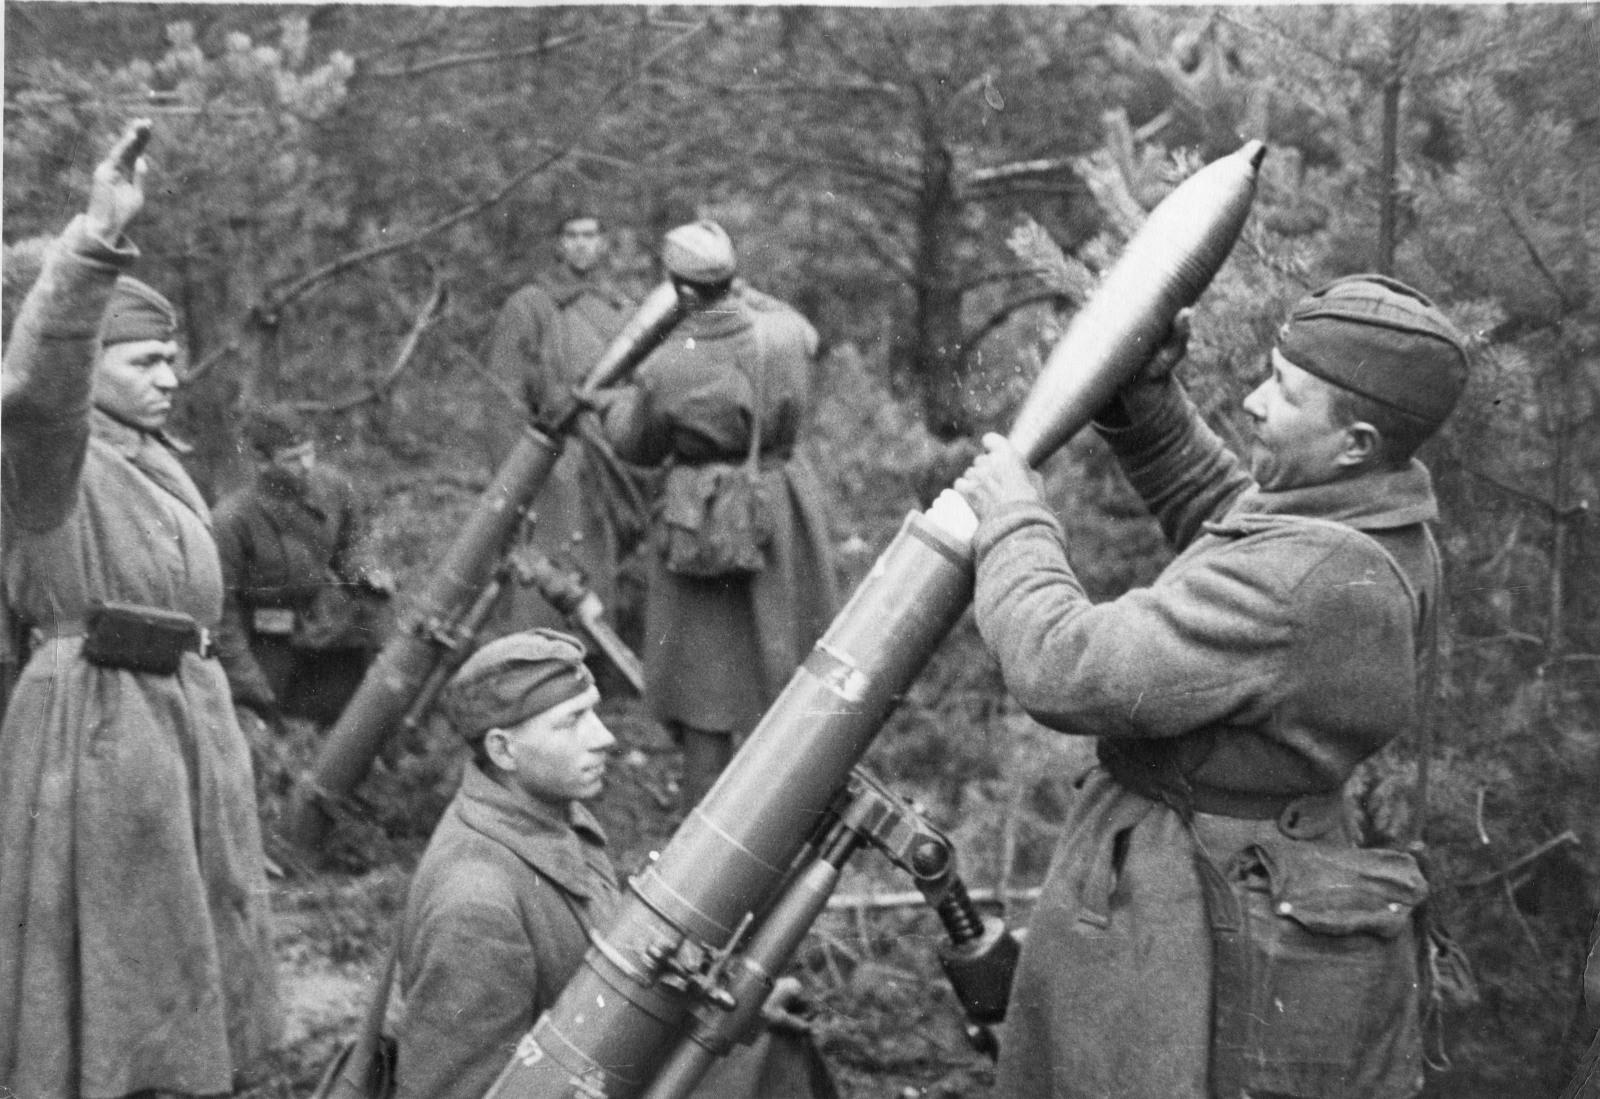 The National Interest: Cоветское оружие, которое позволило победить во Второй мировой войне